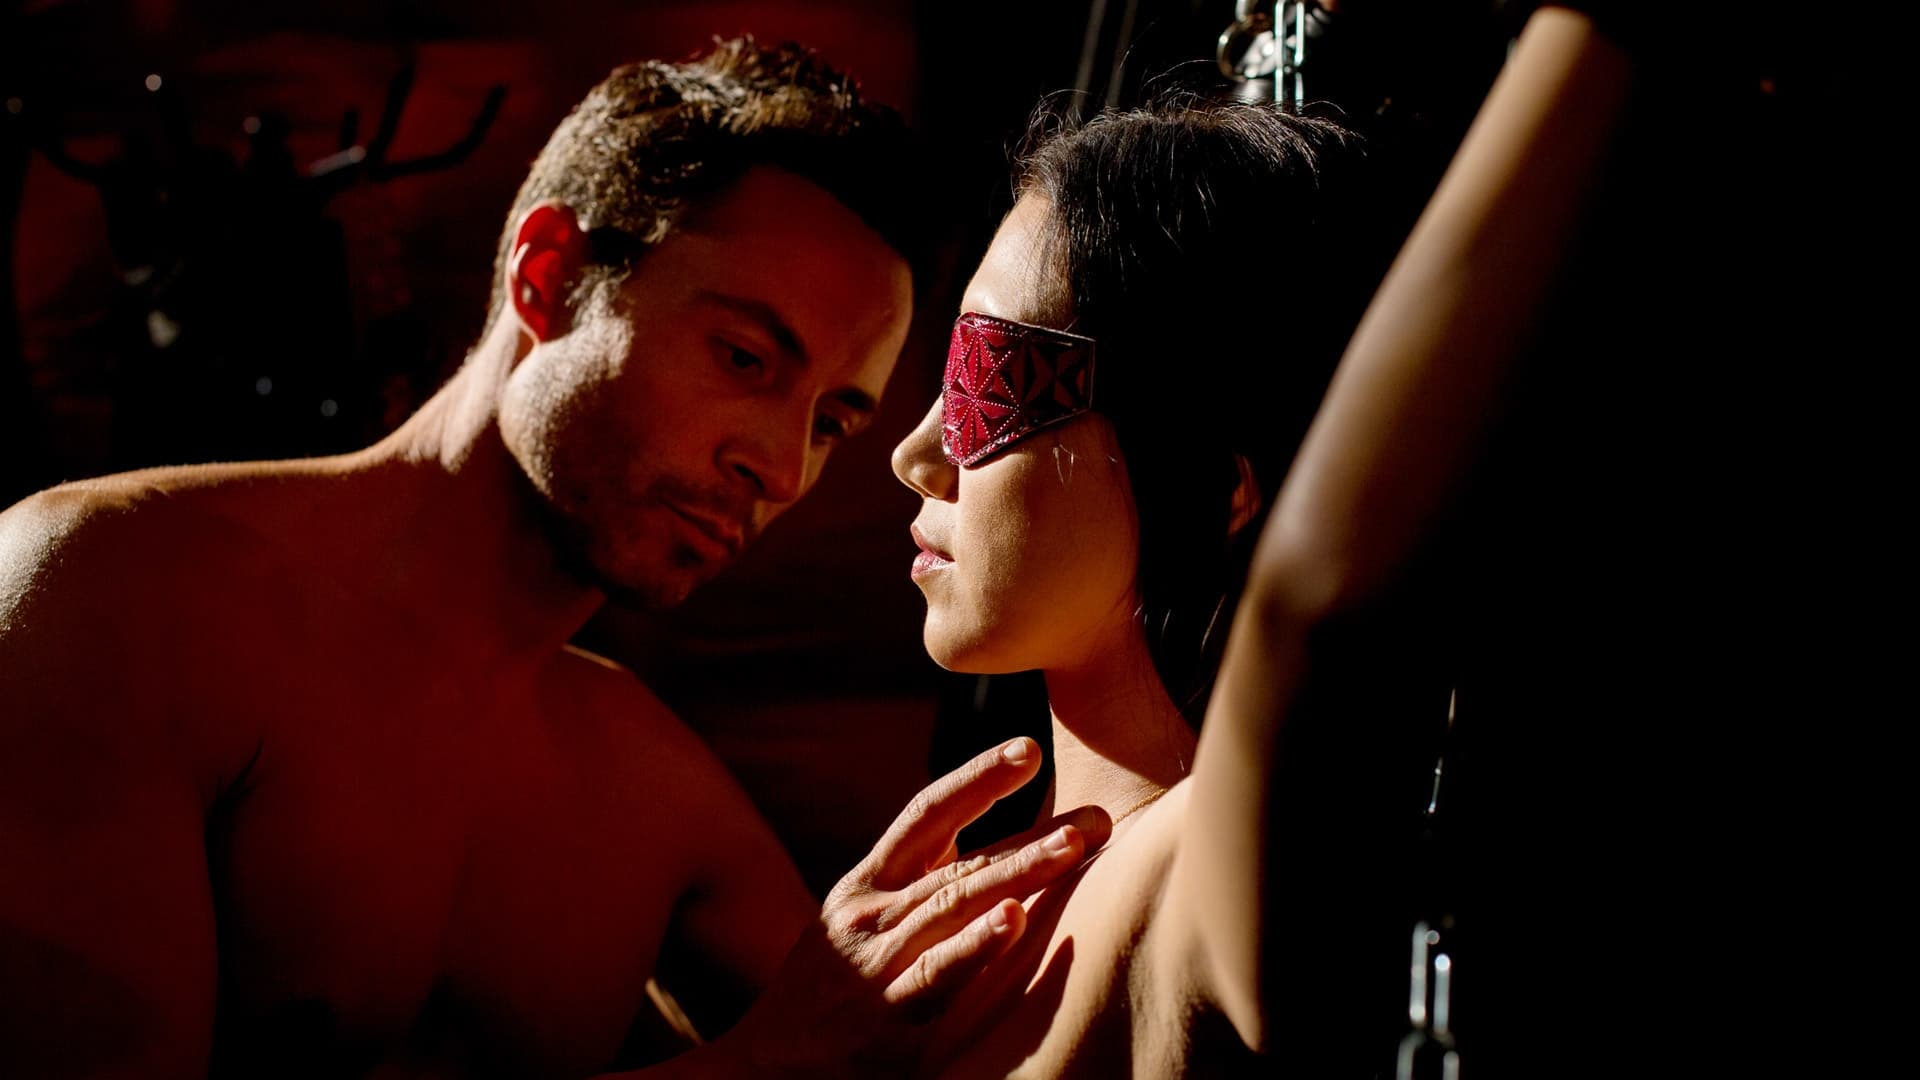 Муж слизывает женщины подчиняют парней смотреть онлайн женщин албании прикольнуться